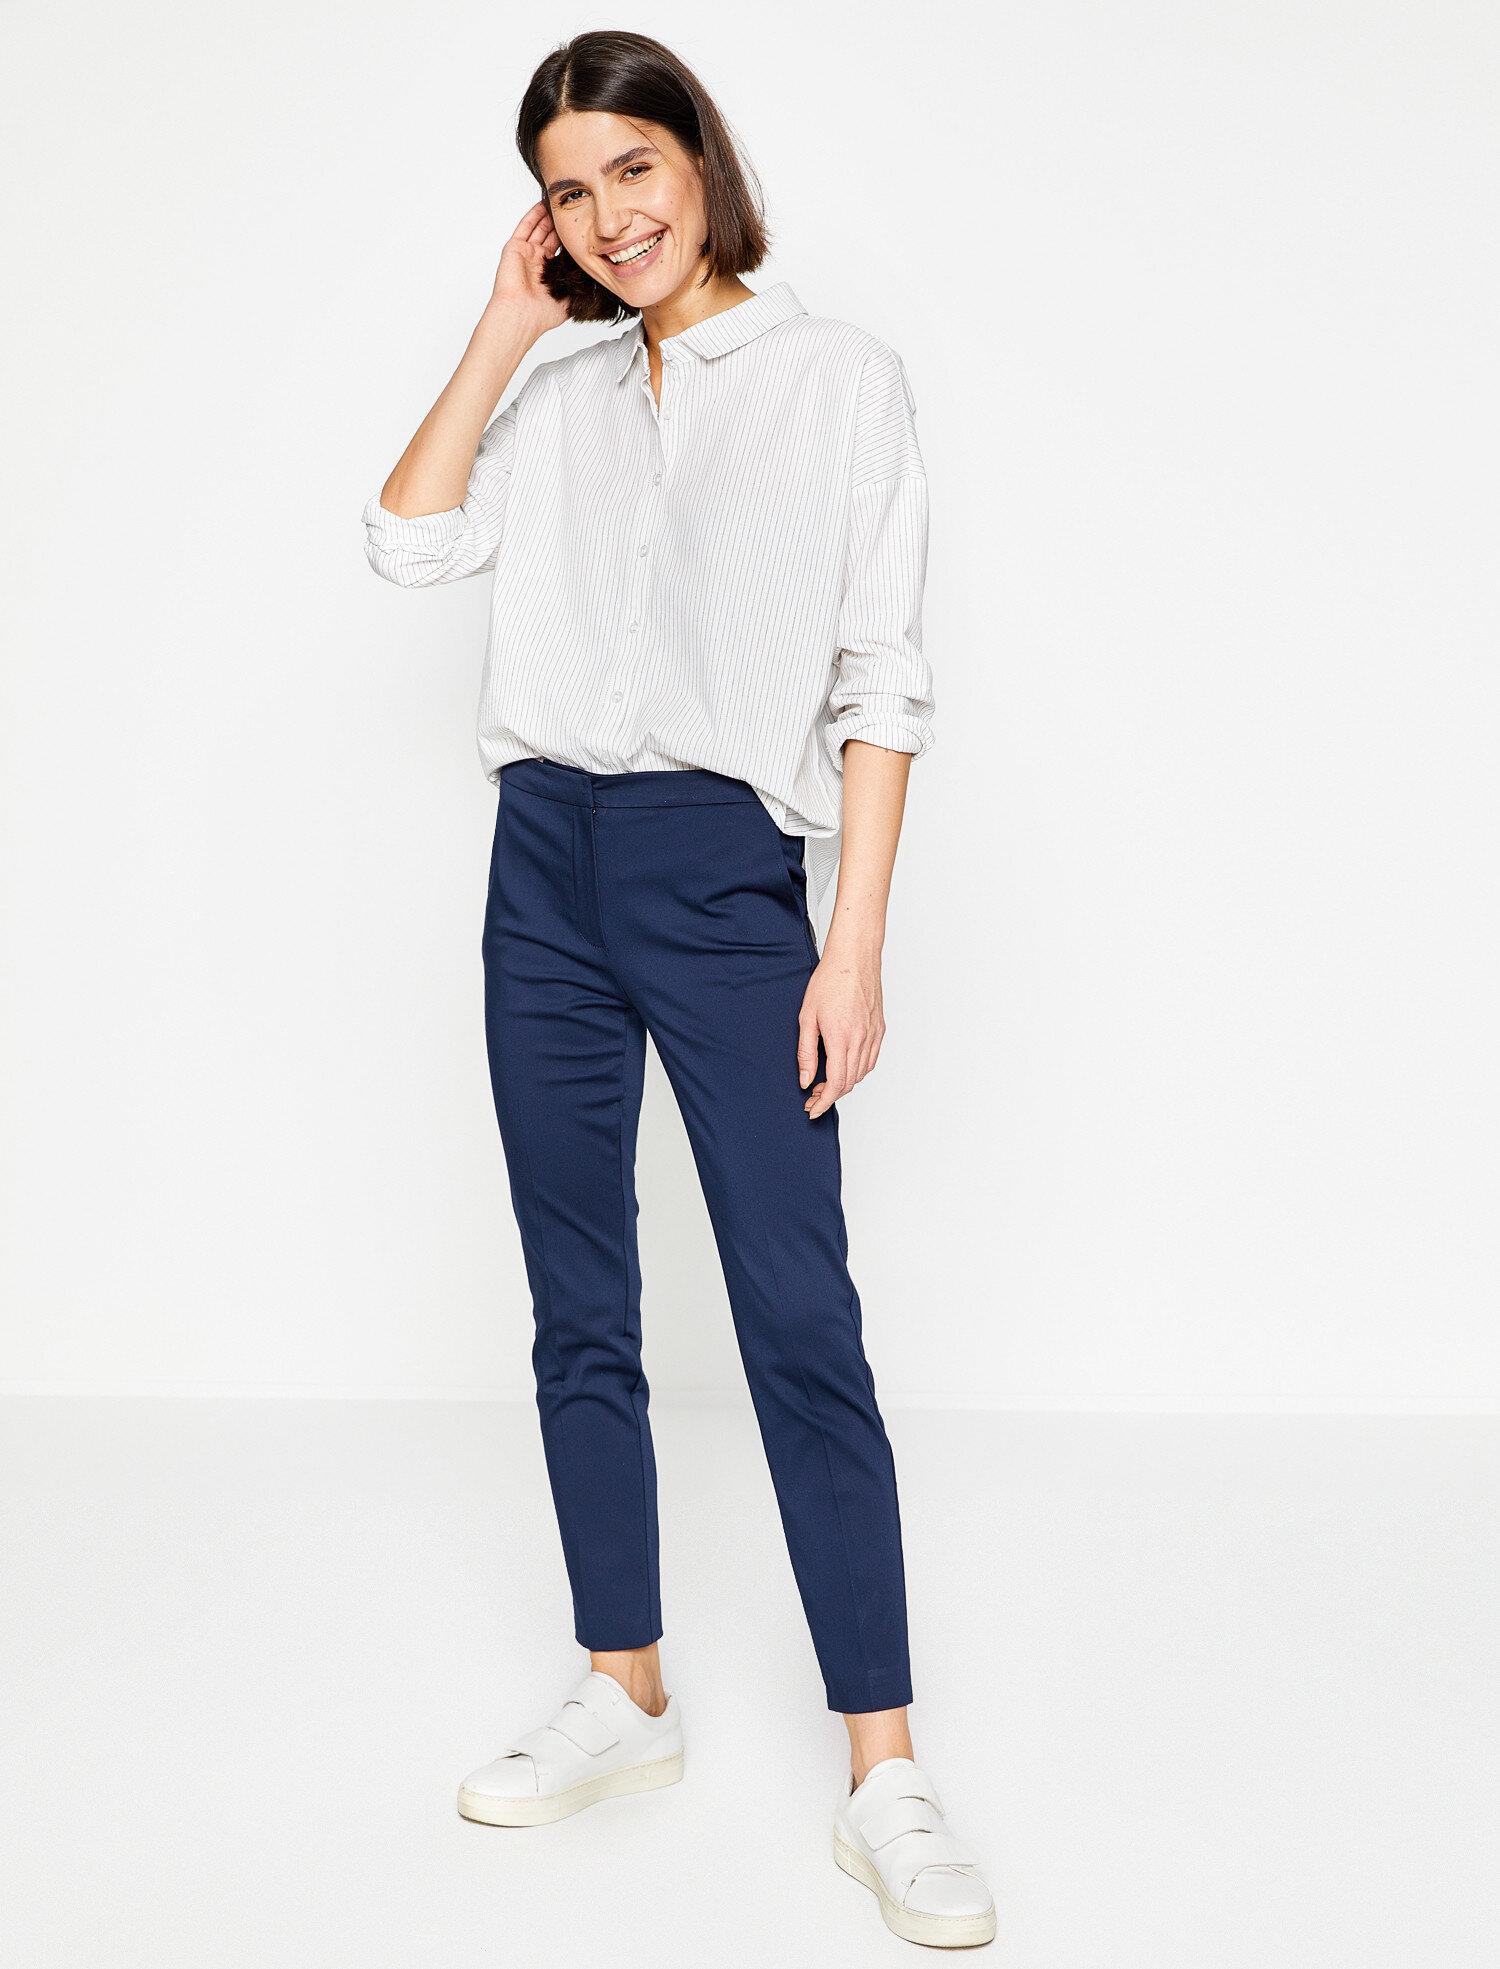 Koton Kadın Rahat Kesim Pantolon Lacivert Ürün Resmi